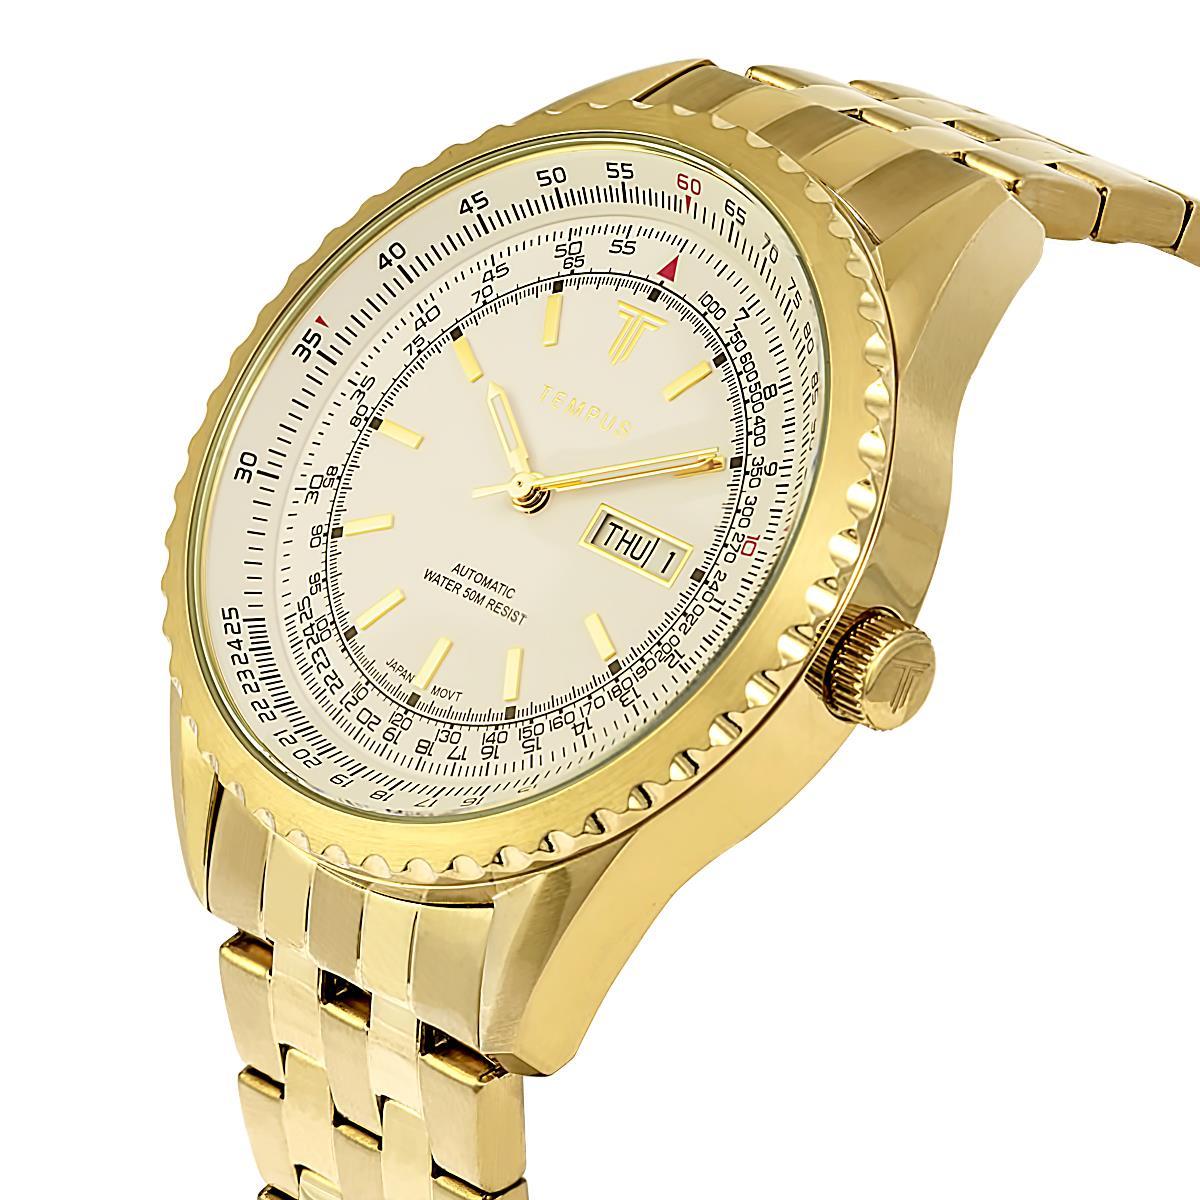 c7ffb91b020 1073869 relogio-masculino-tempus-yacht-zw30321h-gold -white z6 636770327830808339.jpg